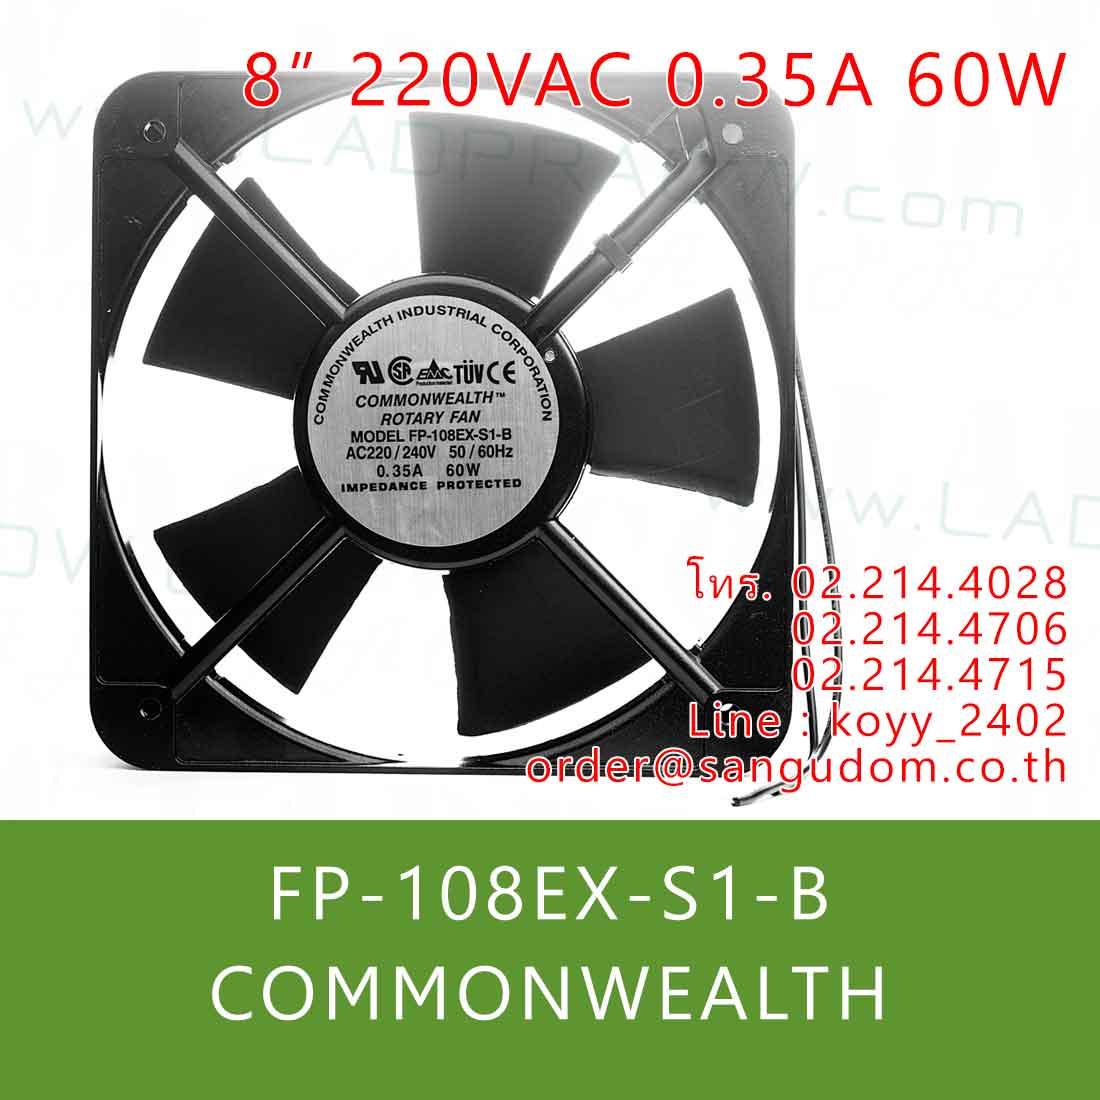 พัดลมระบายความร้อน 8 นิ้ว inch 220VAC Commonwealth FP-108EX-S1-B Cooling fan